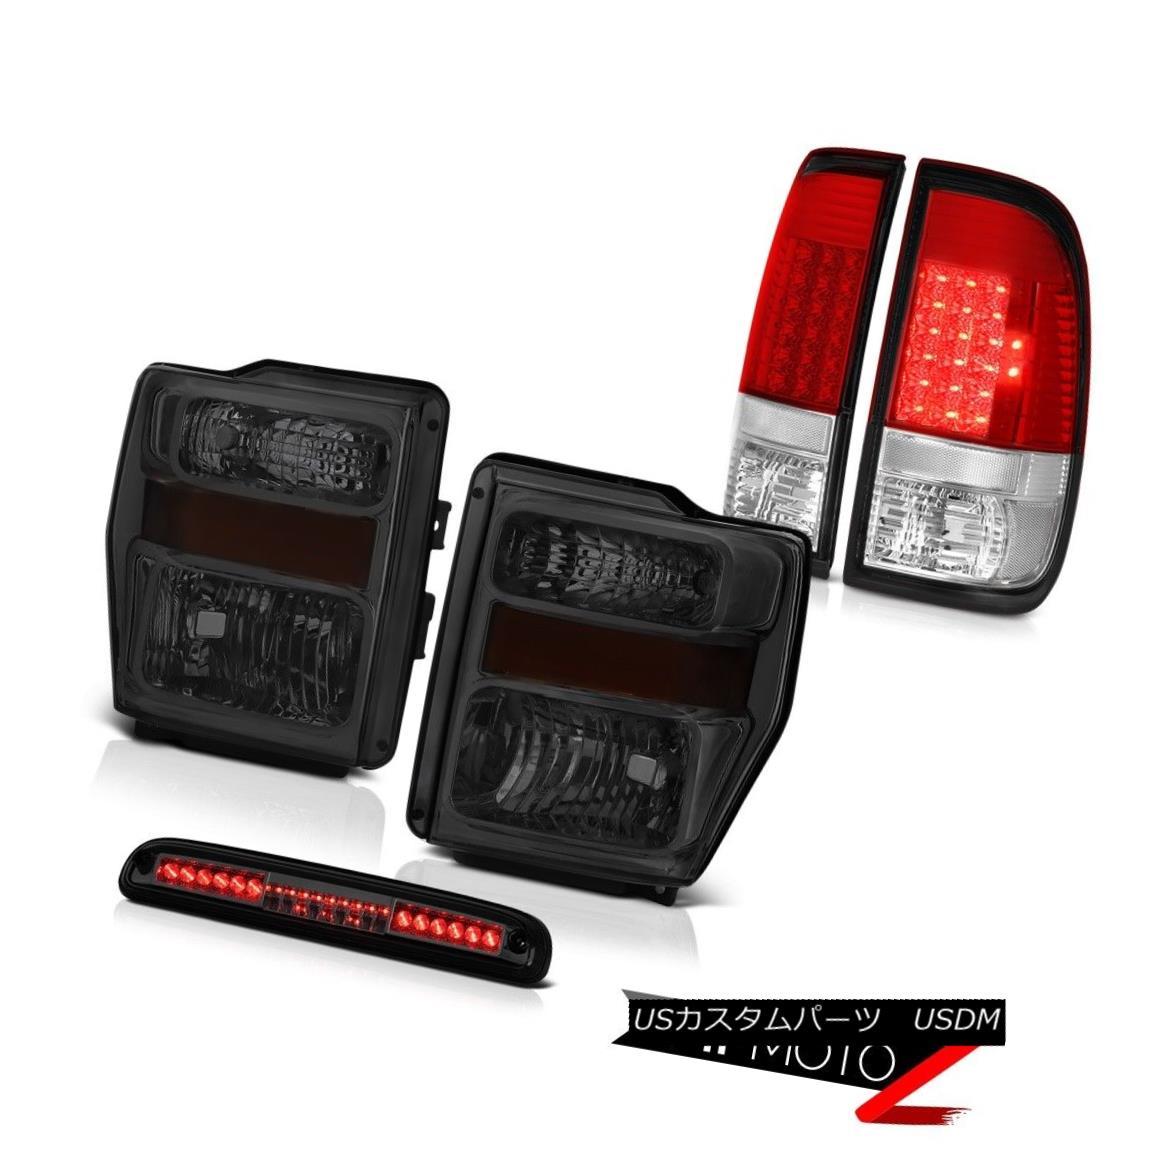 テールライト 08 09 10 F250 King Ranch Smoke Headlights LEFT RIGHT Red LED Taillights High 3rd 08 09 10 F250キングランチ煙ヘッドライトLEFT RIGHT赤色LED灯台ハイ3